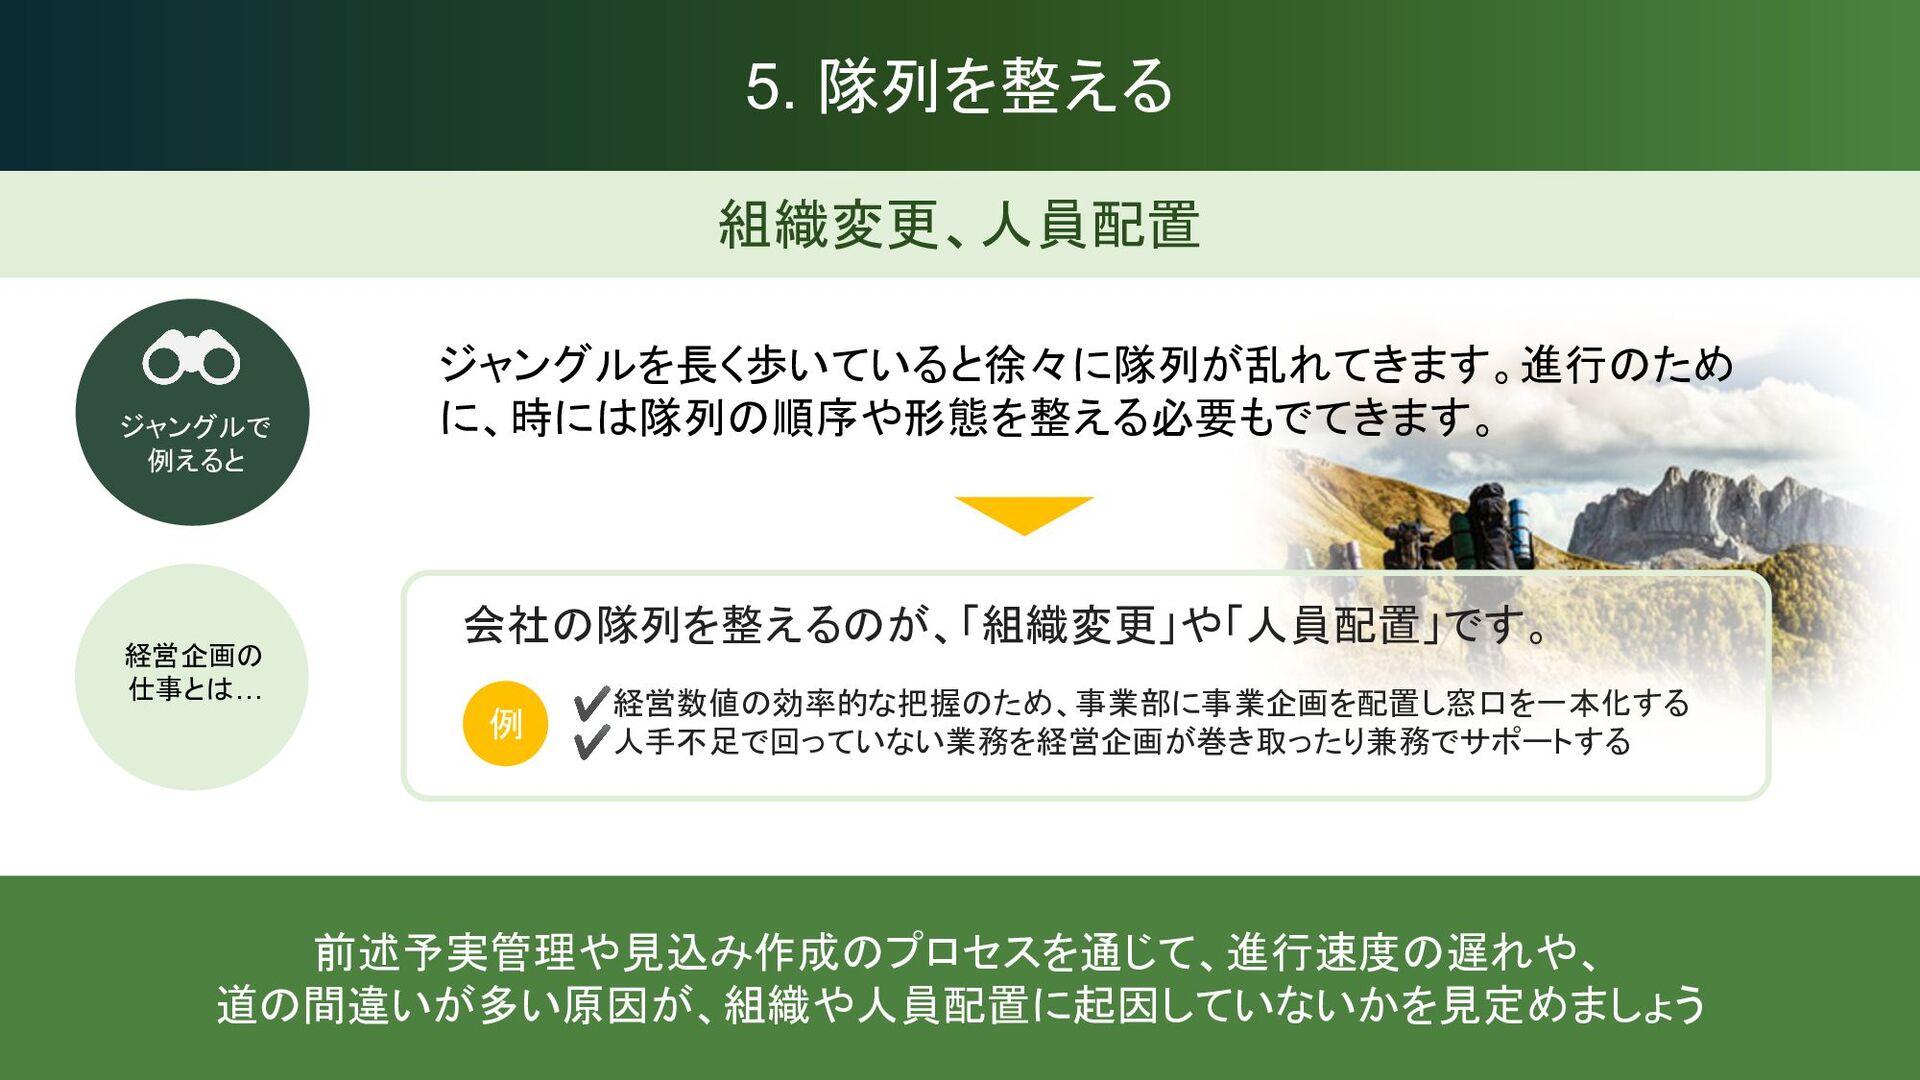 資⾦調達 6. ⾷べ物や⽔分の補給を適切に⾏う いくら進むべき道が分かっていても、⾷べ物や⽔分...